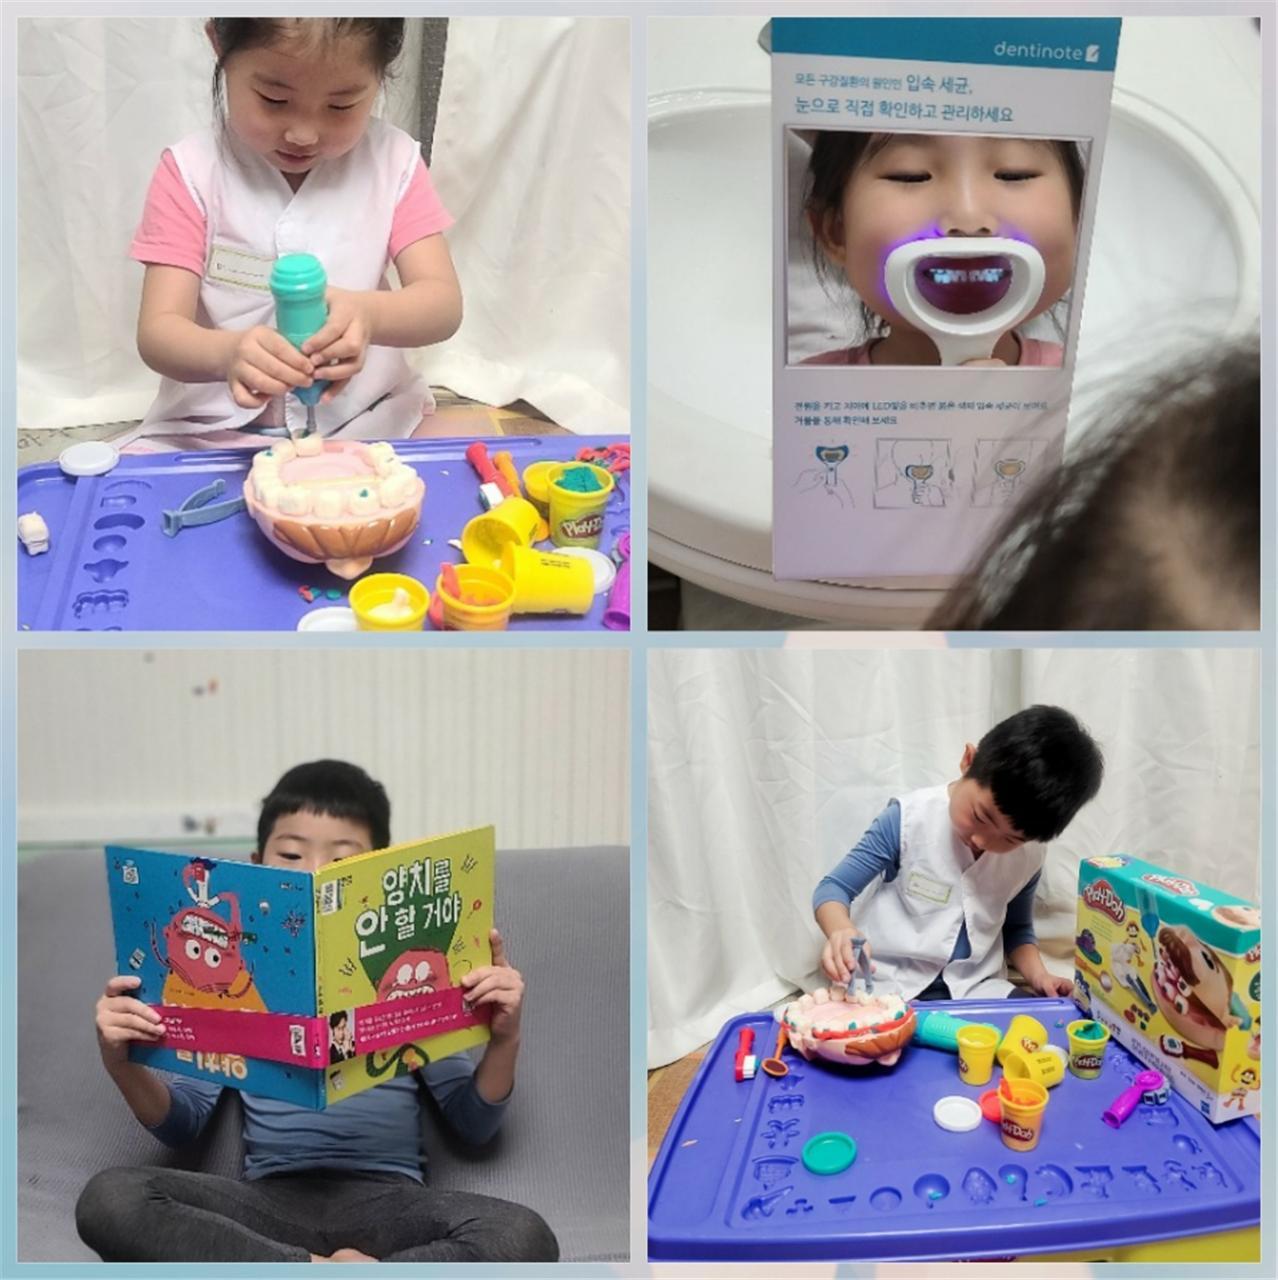 제천시보건소, 코로나19대응 집에서 하는 즐거운 치아건강 교육